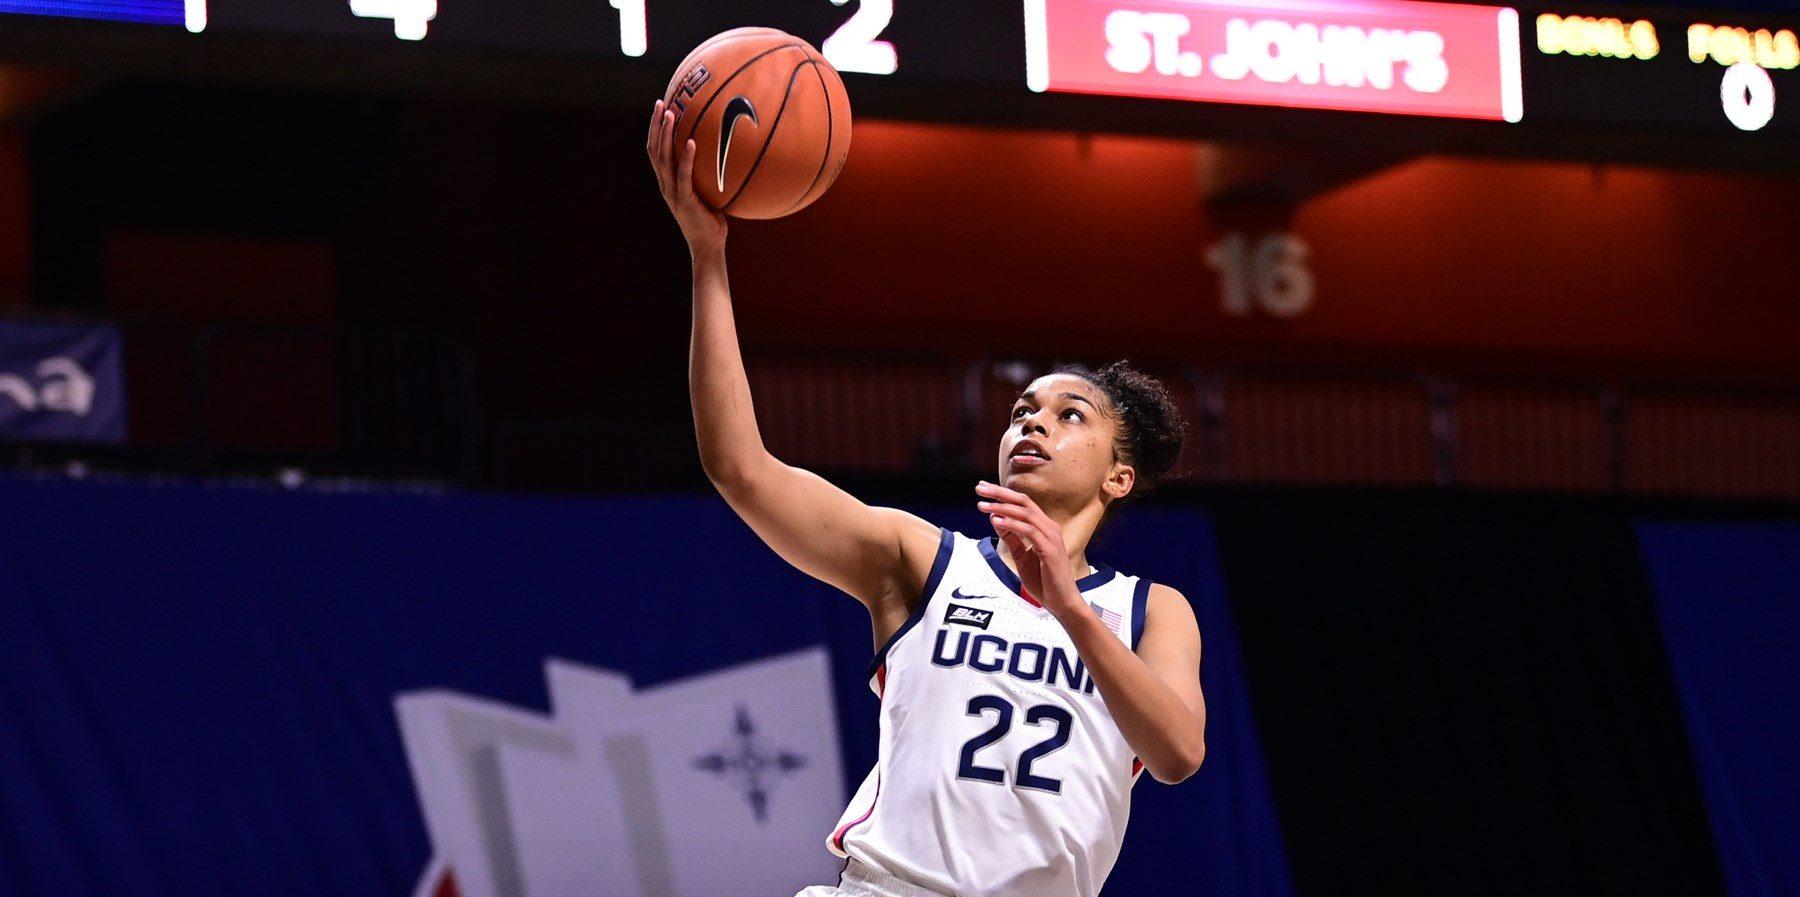 Evina Westbrook no irá a la WNBA y se queda una temporada más en UConn